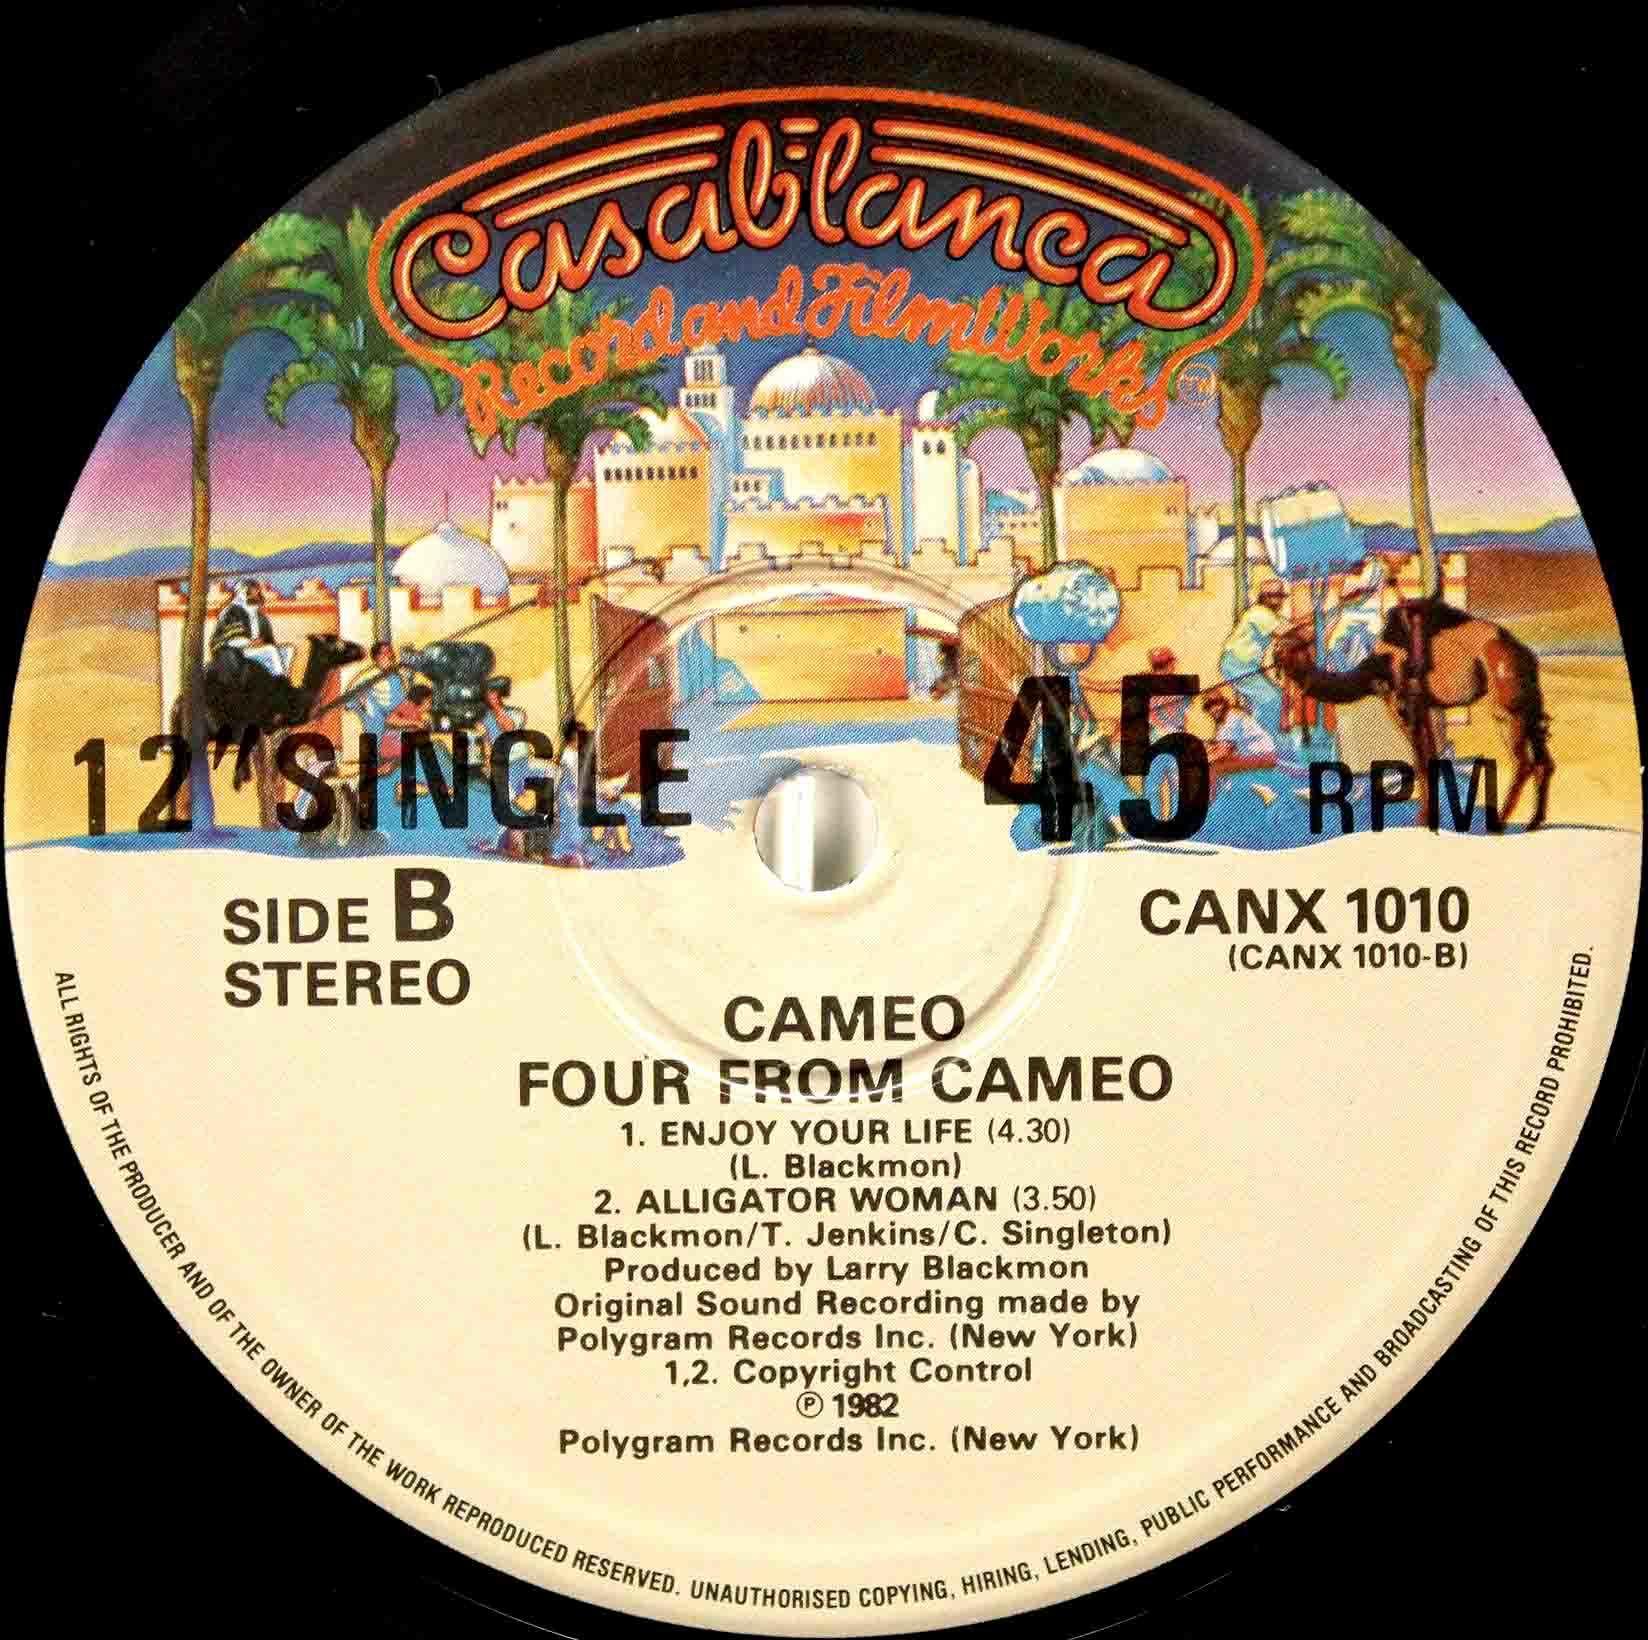 Cameo Enjoy Your Life 02